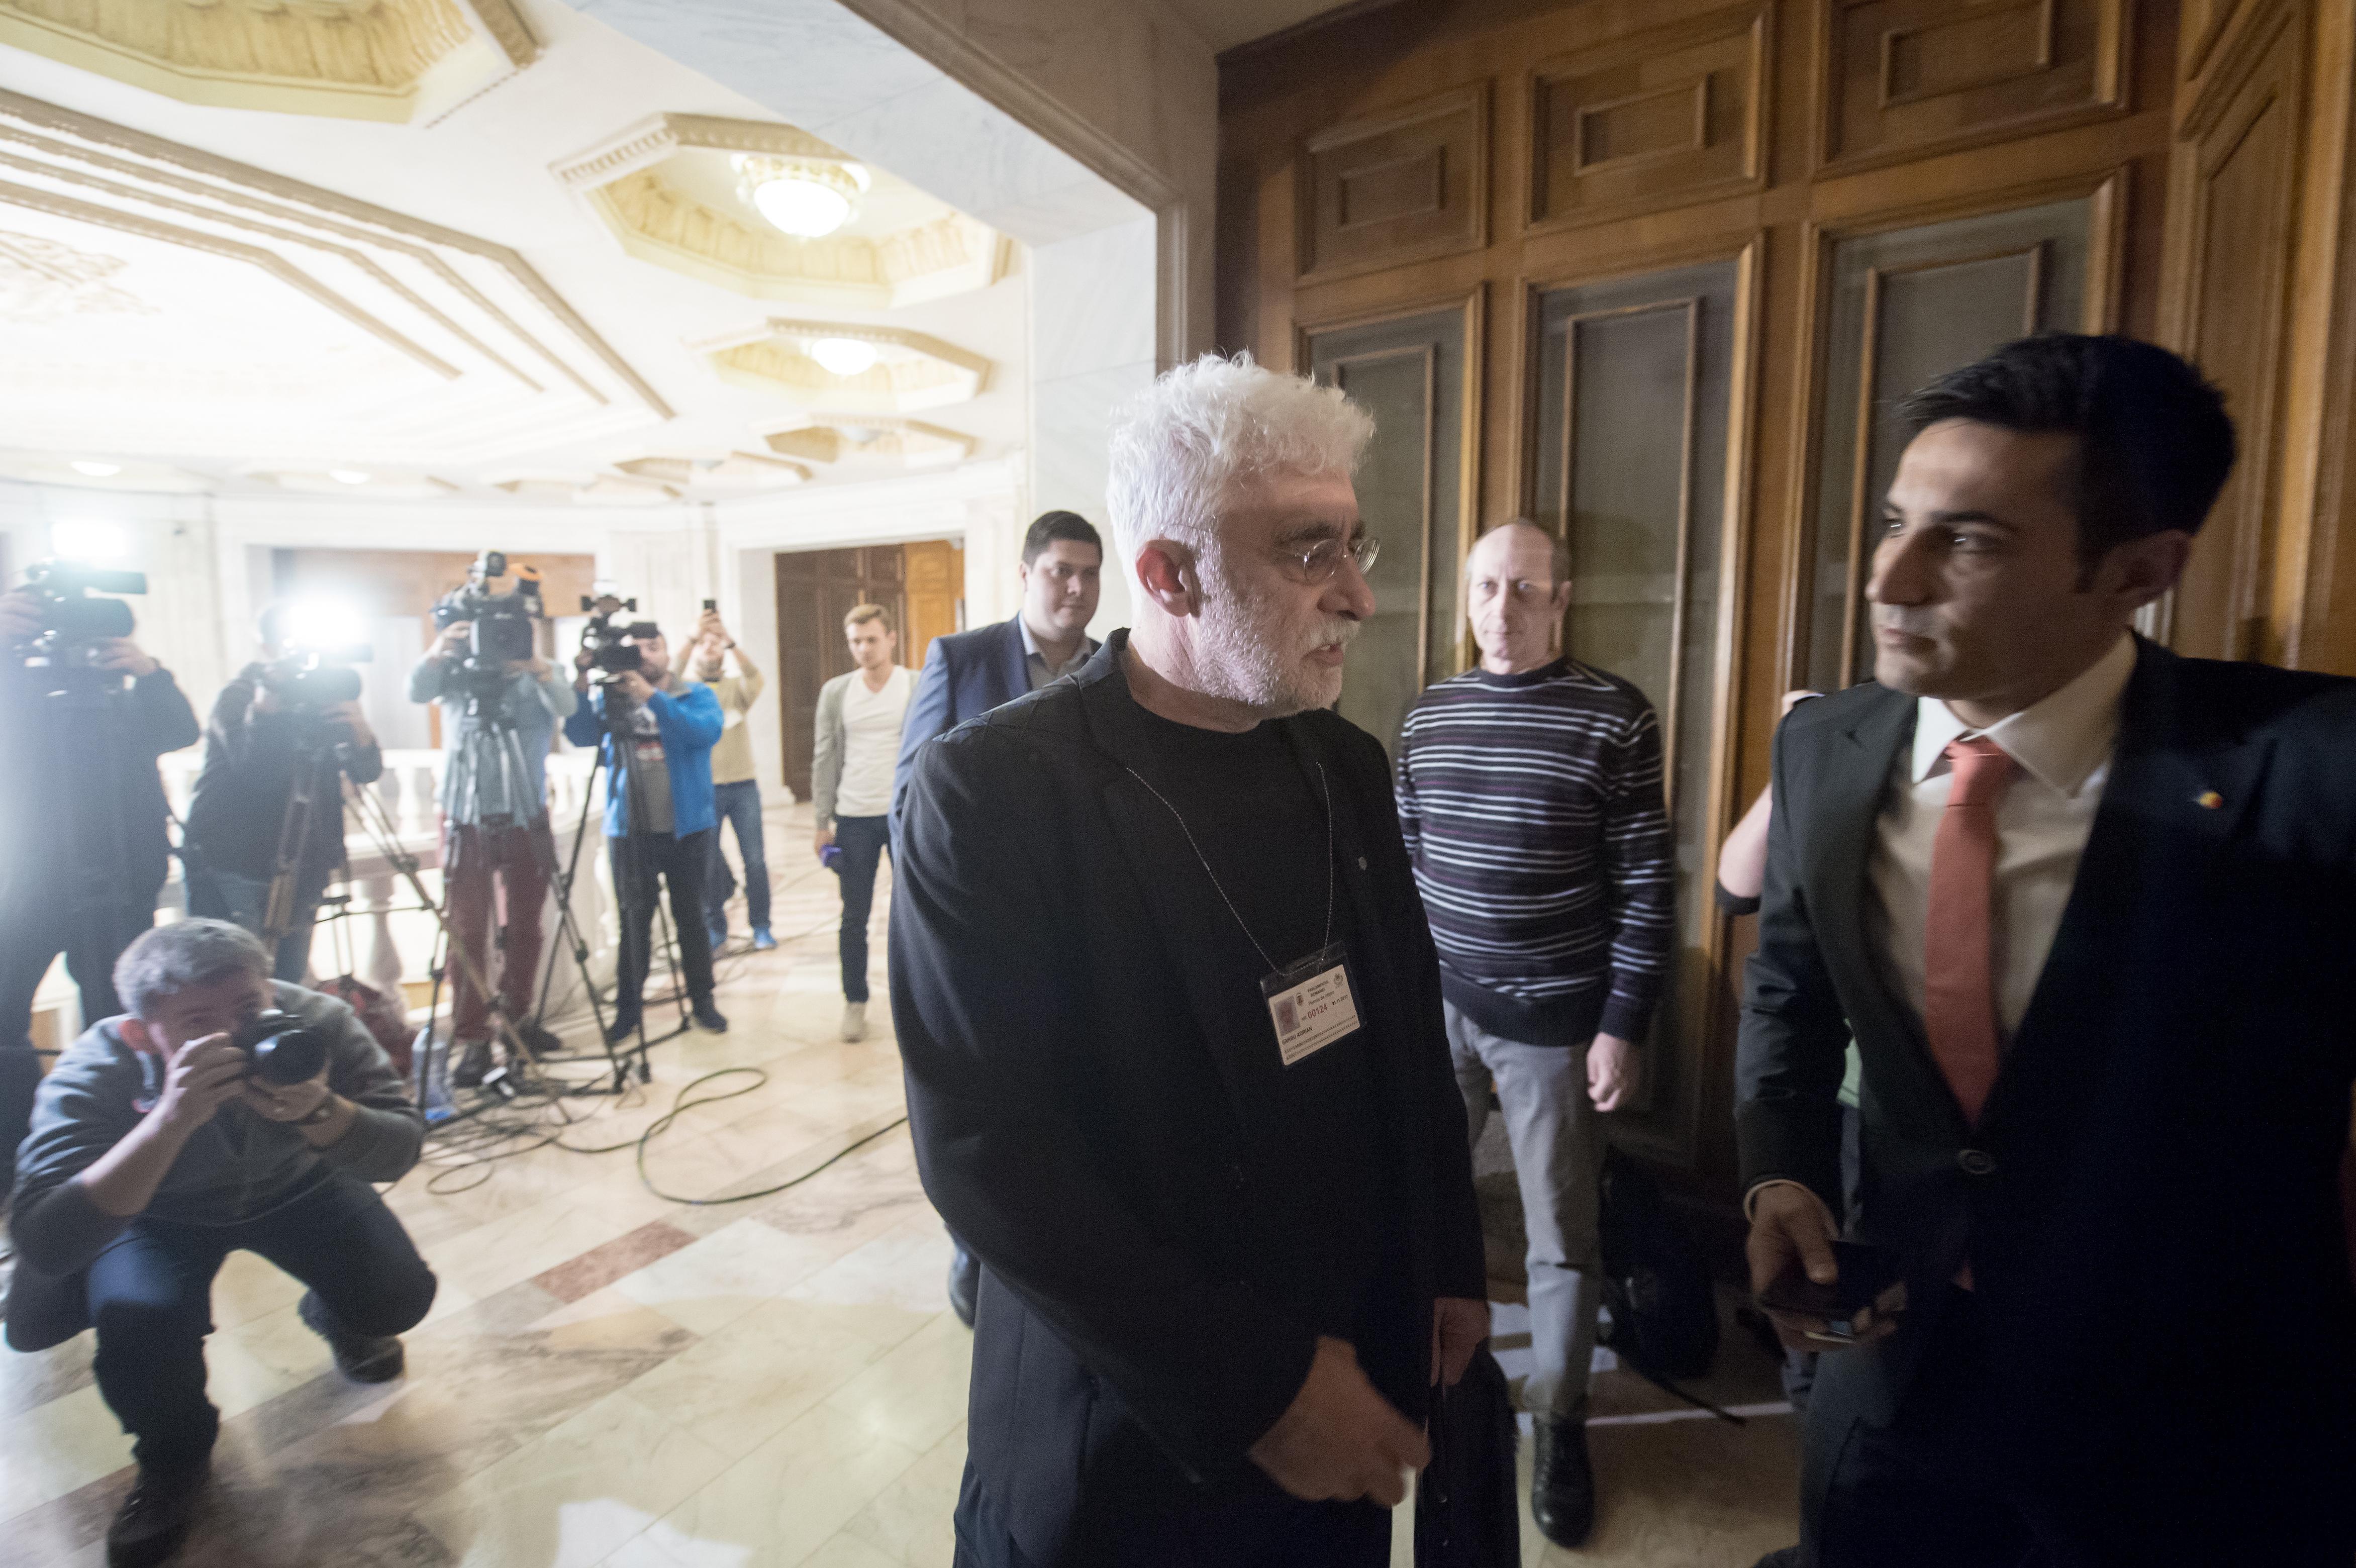 Manda: Adrian Sârbu a spus că s-a încercat implicarea SRI în coordonarea editorială a instituţiilor media. A fost o activitate de distrugere a celei de-a patra puteri în stat